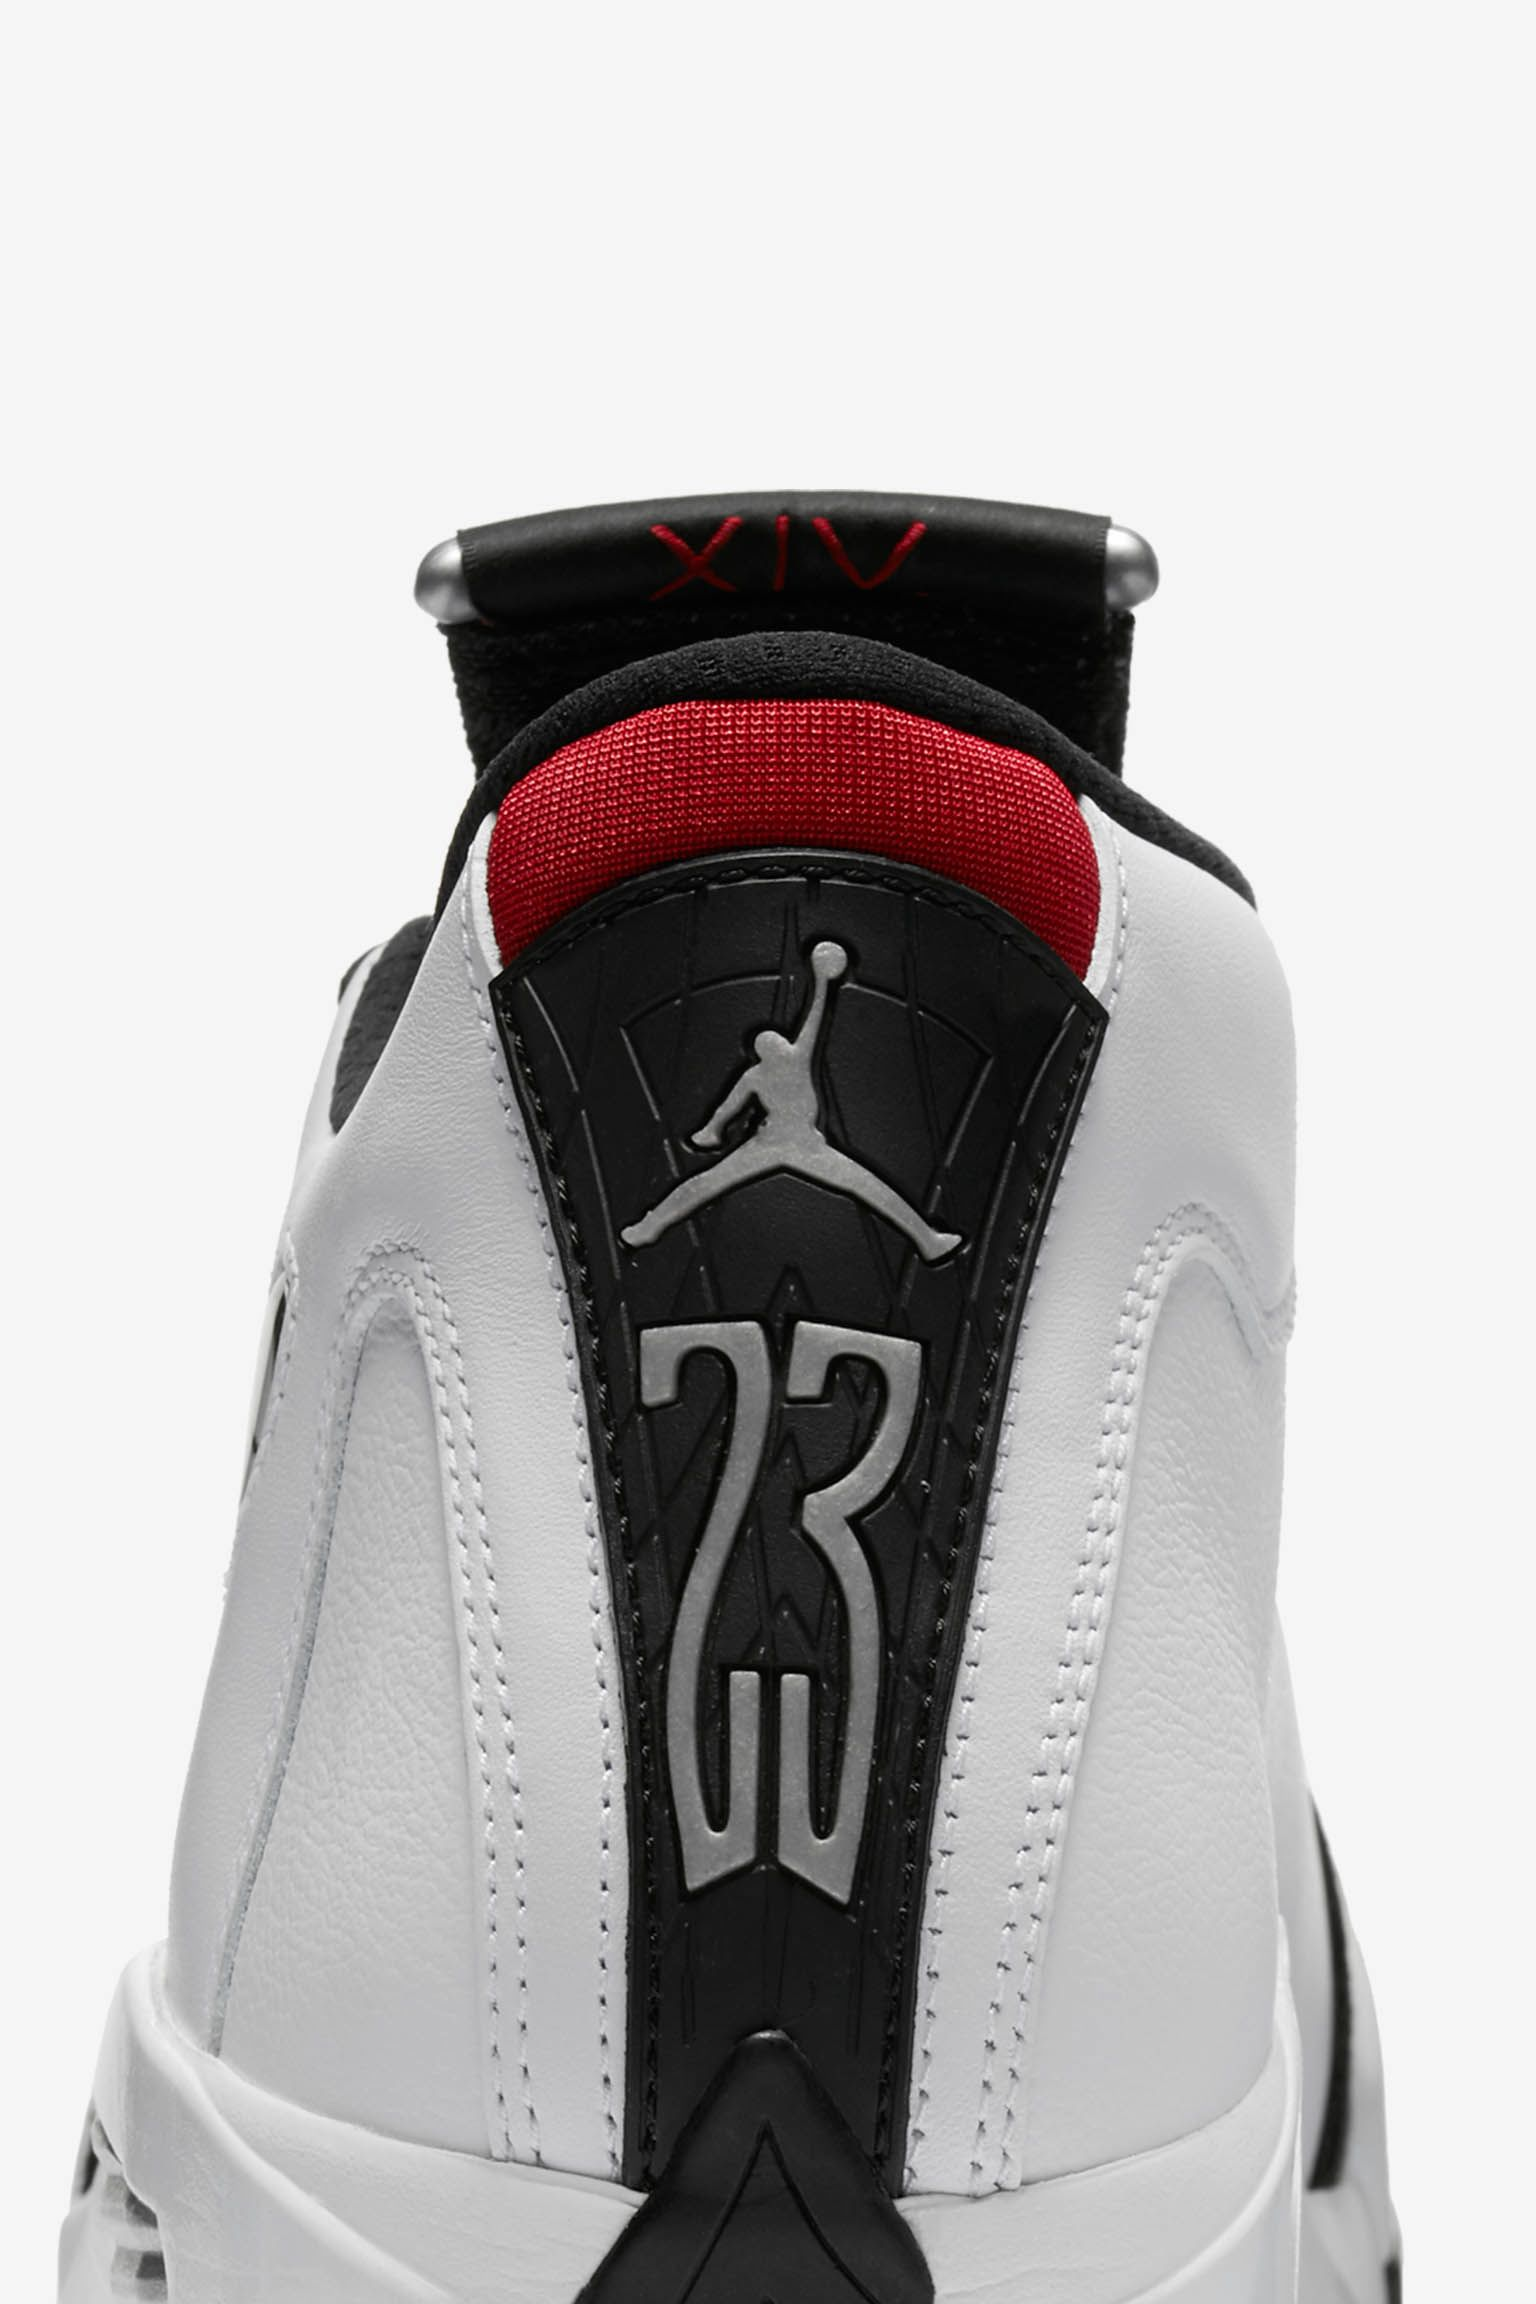 Air Jordan 14 Retro  Black Toe . Nike+ SNKRS c90befa928fe